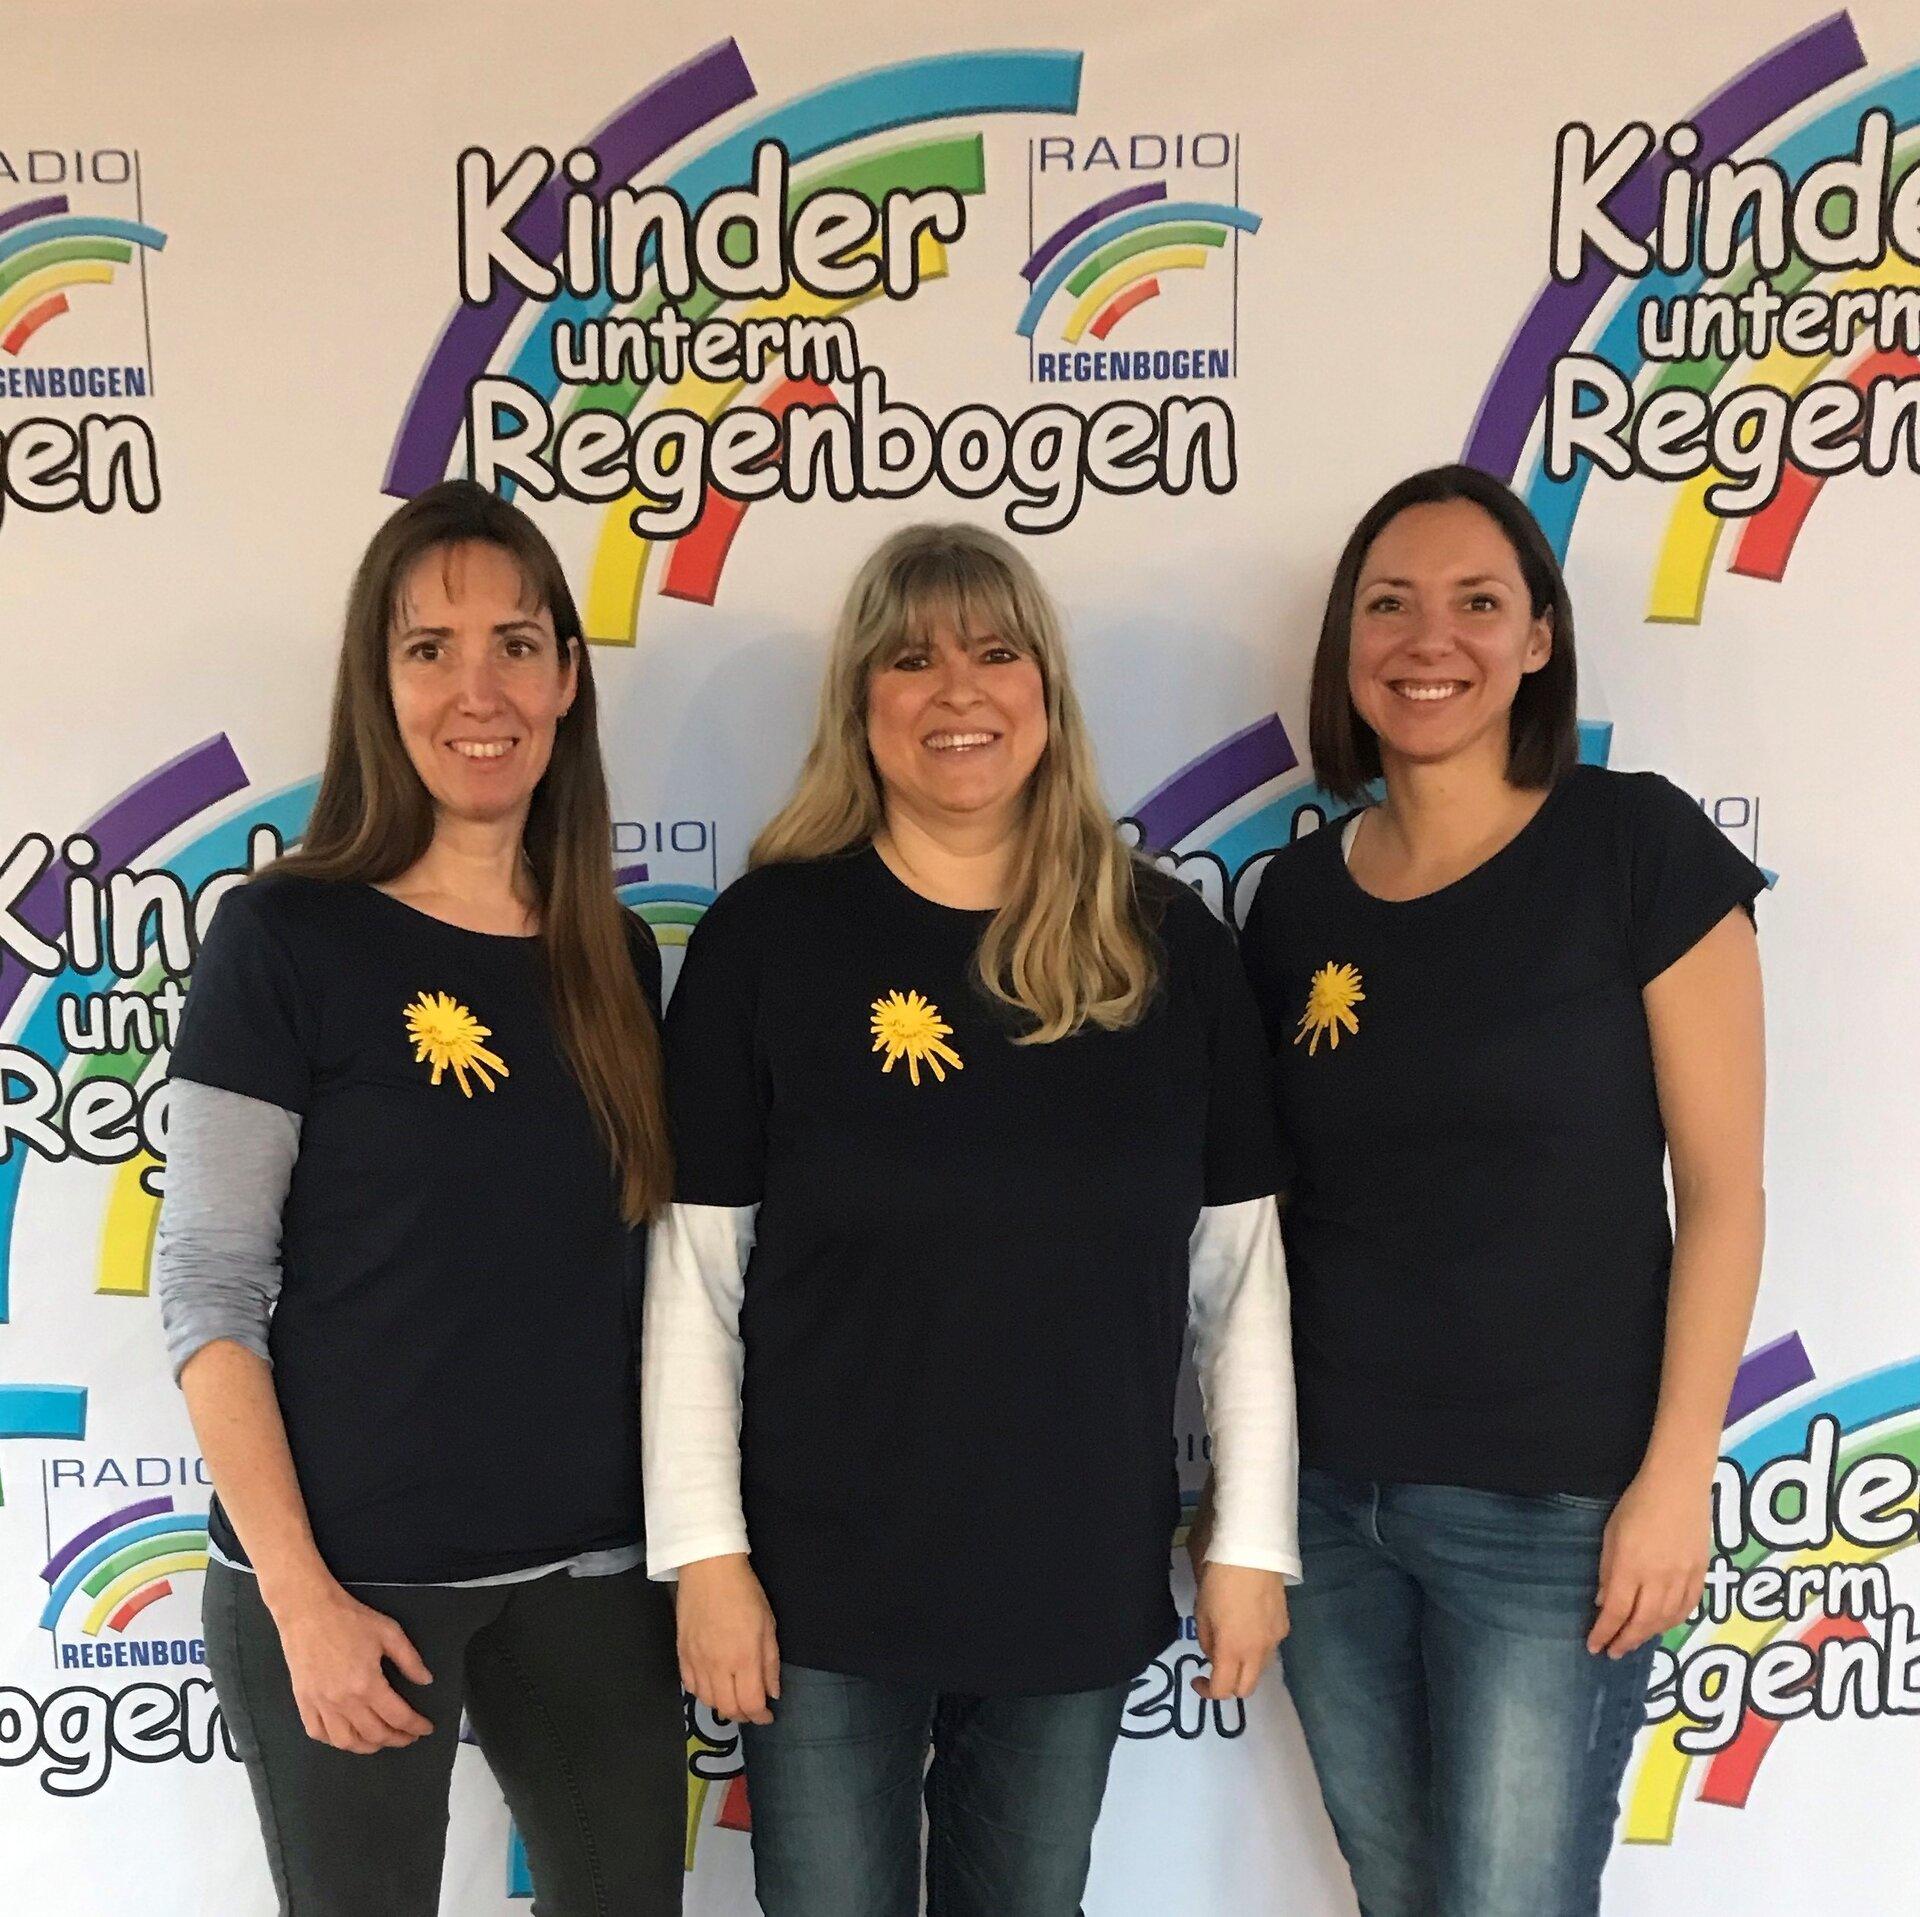 Heike Klemm, Petra Doering und Tina Luhn vor Kinder unterm Regenbogen-Logo